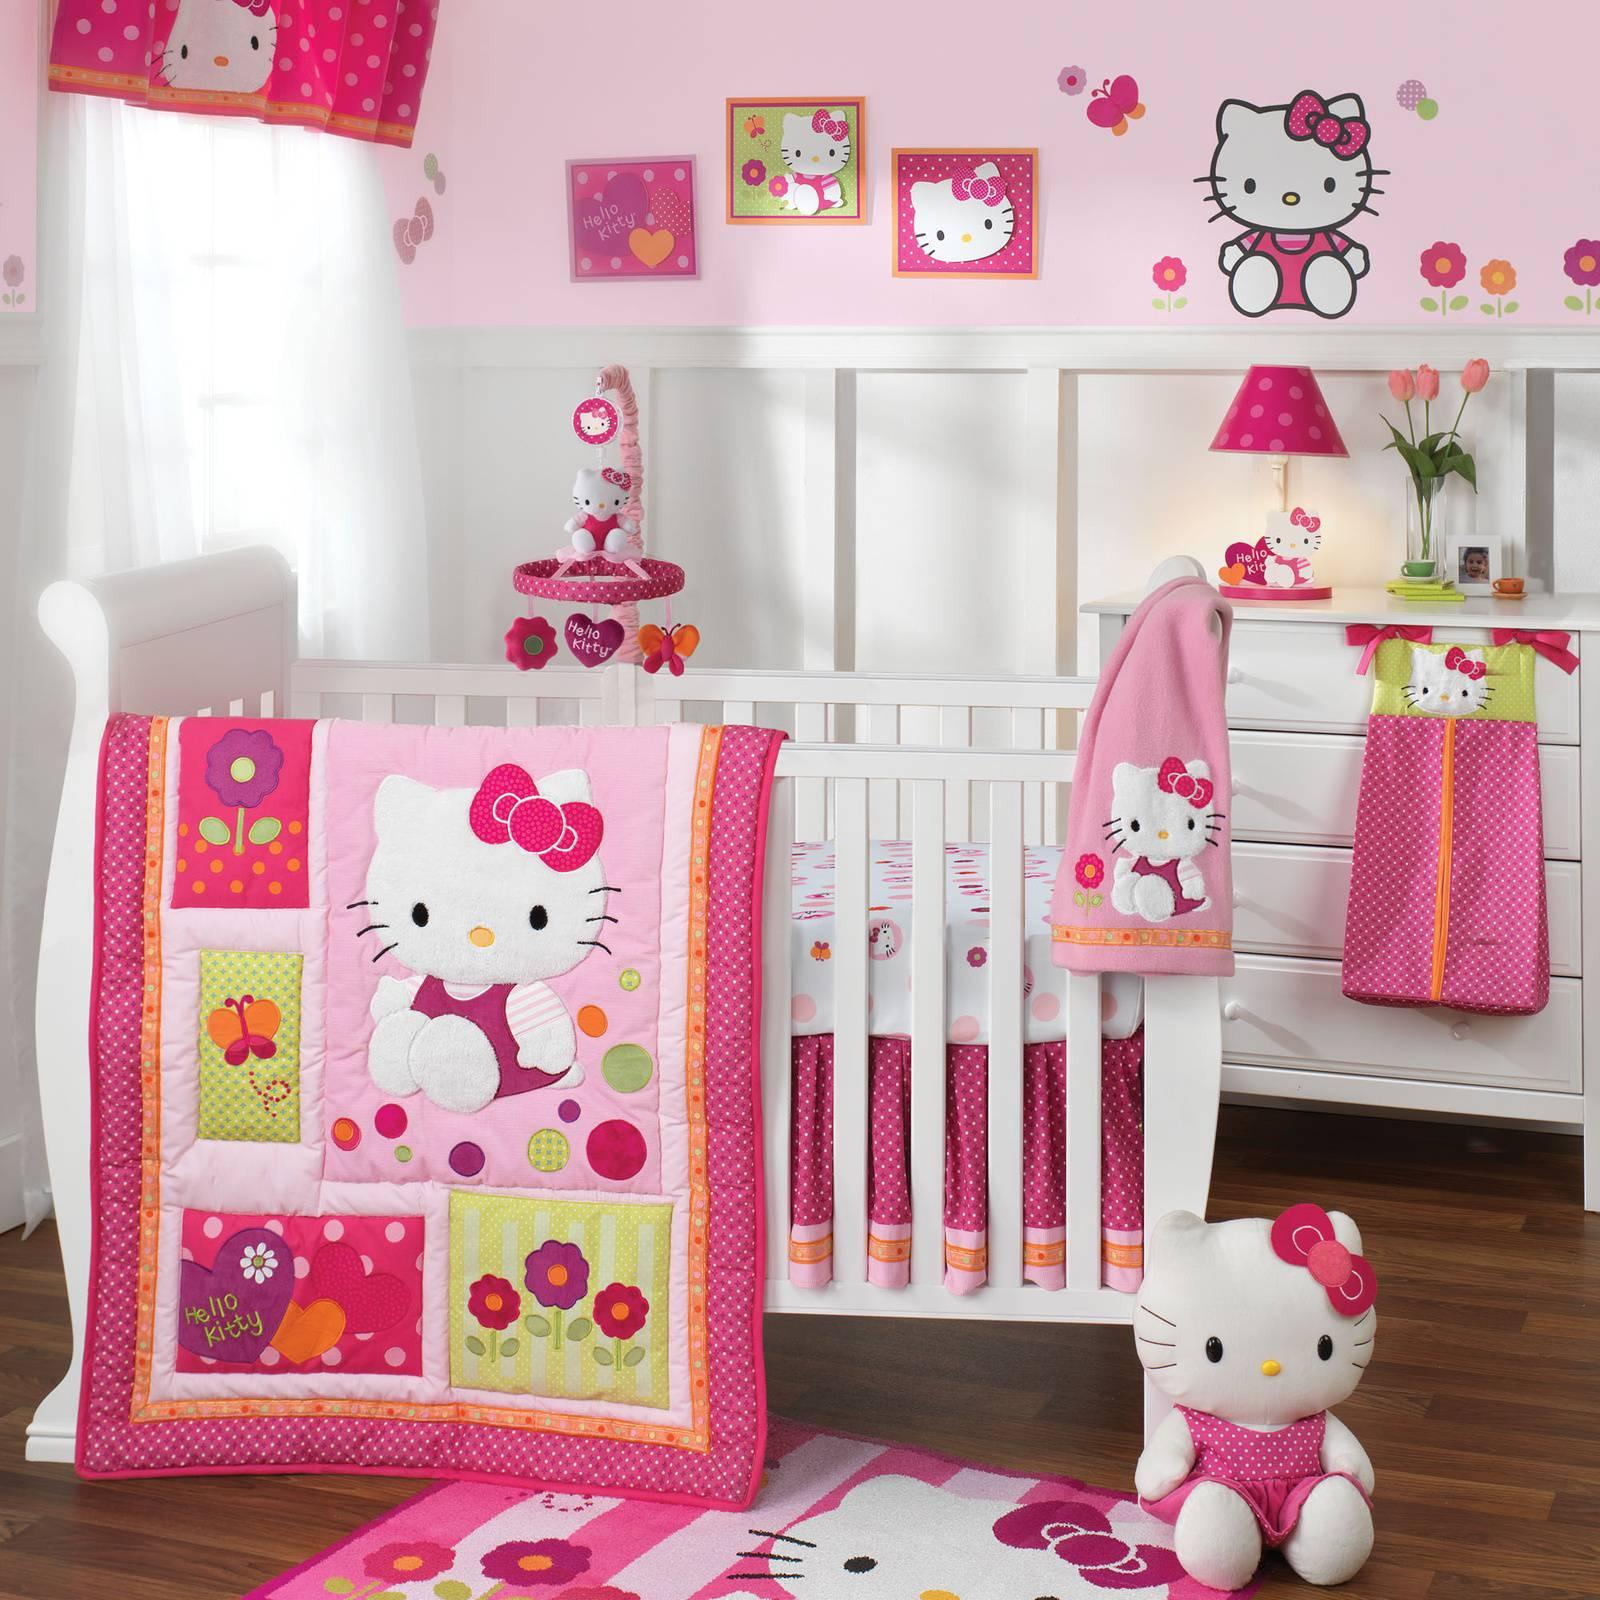 وجود چه بخش هایی در اتاق کودک لازم و ضروری است؟